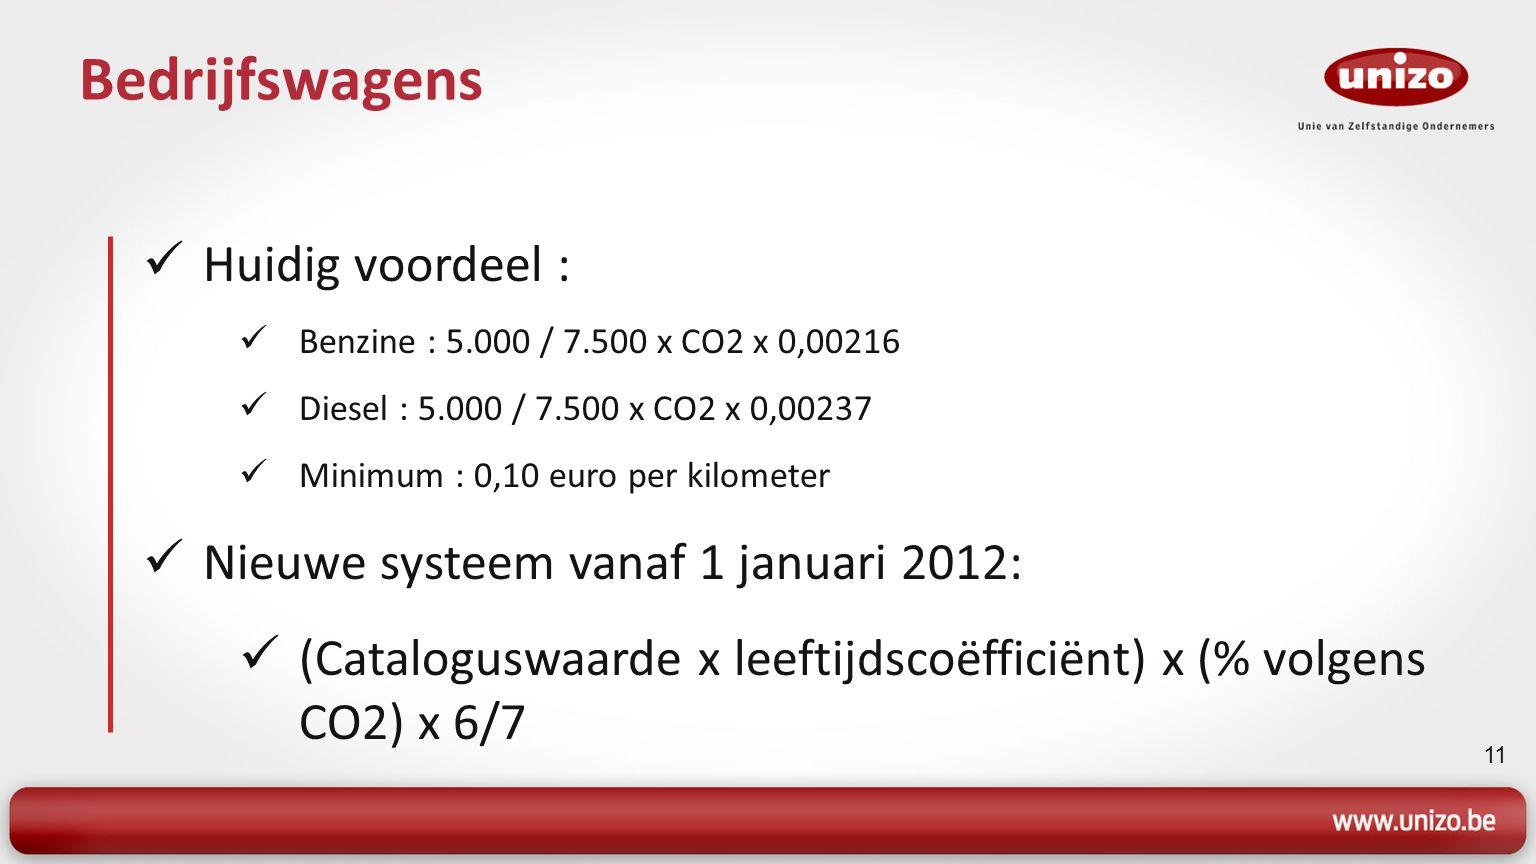 11 Bedrijfswagens Huidig voordeel : Benzine : 5.000 / 7.500 x CO2 x 0,00216 Diesel : 5.000 / 7.500 x CO2 x 0,00237 Minimum : 0,10 euro per kilometer N